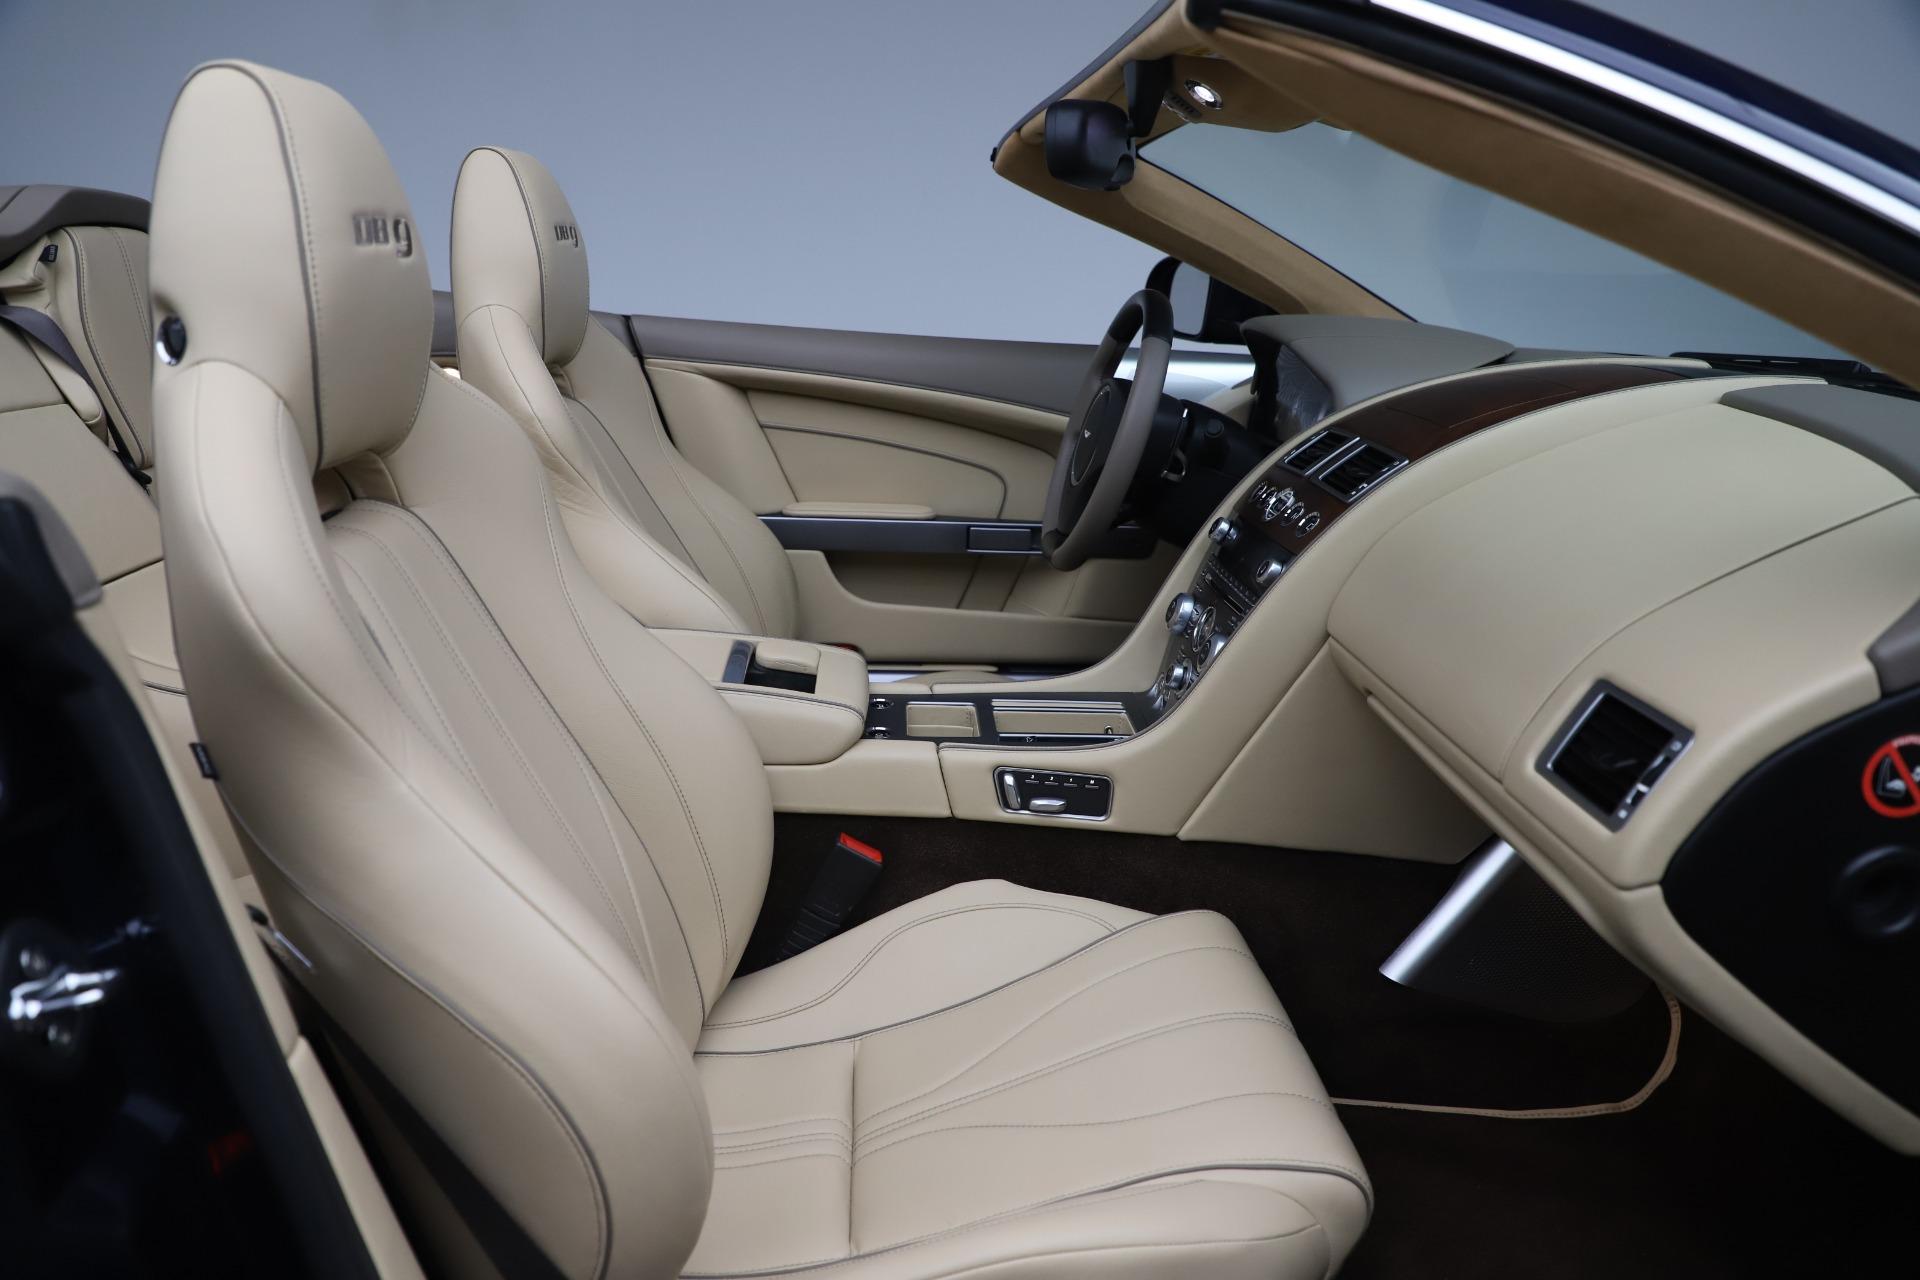 Used 2014 Aston Martin DB9 Volante For Sale In Greenwich, CT 3591_p26